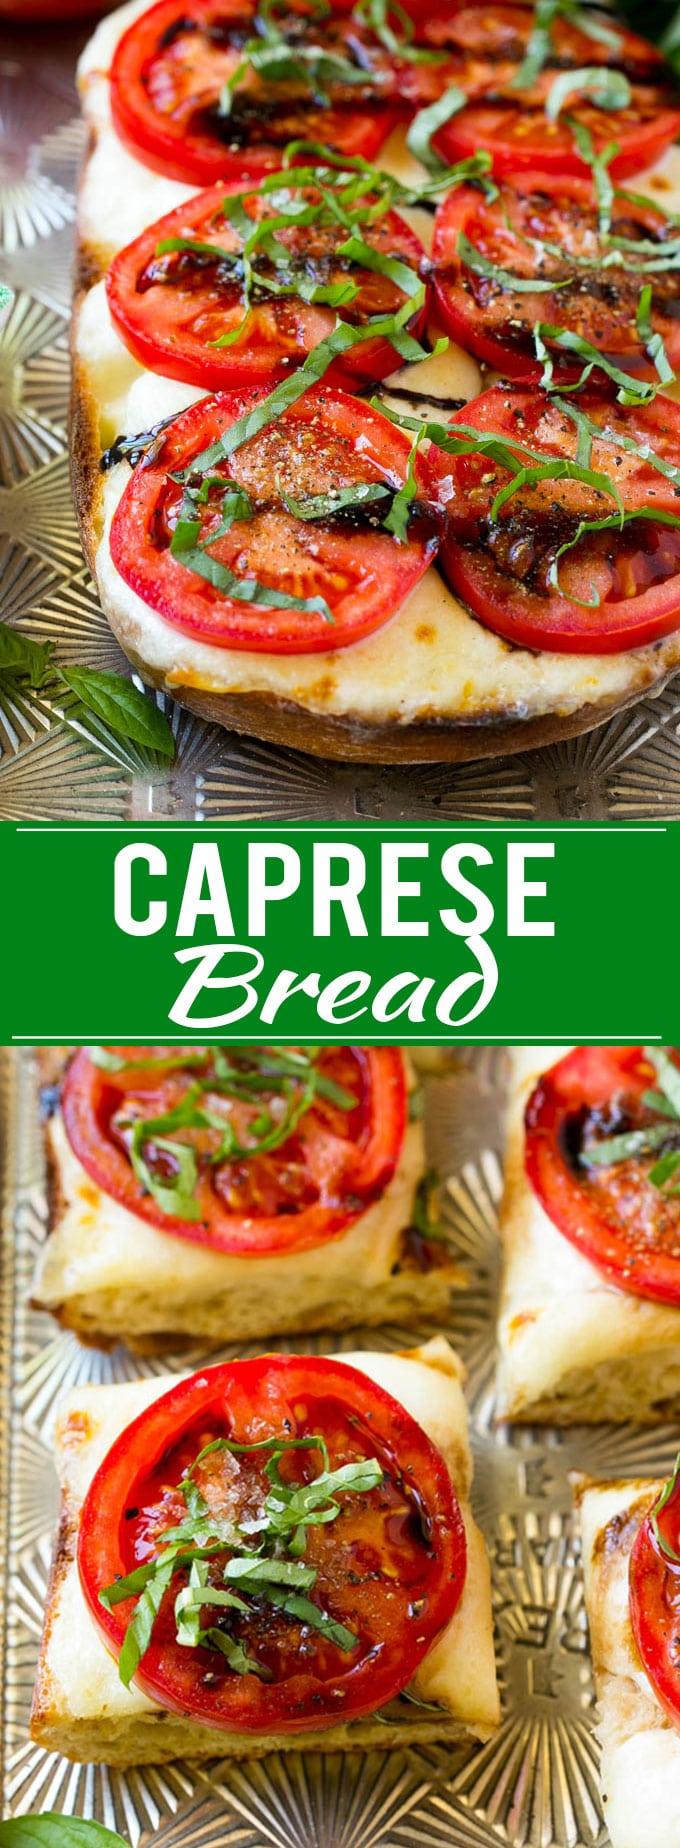 Caprese Bread Recipe | Tomato Bread | Cheese Bread